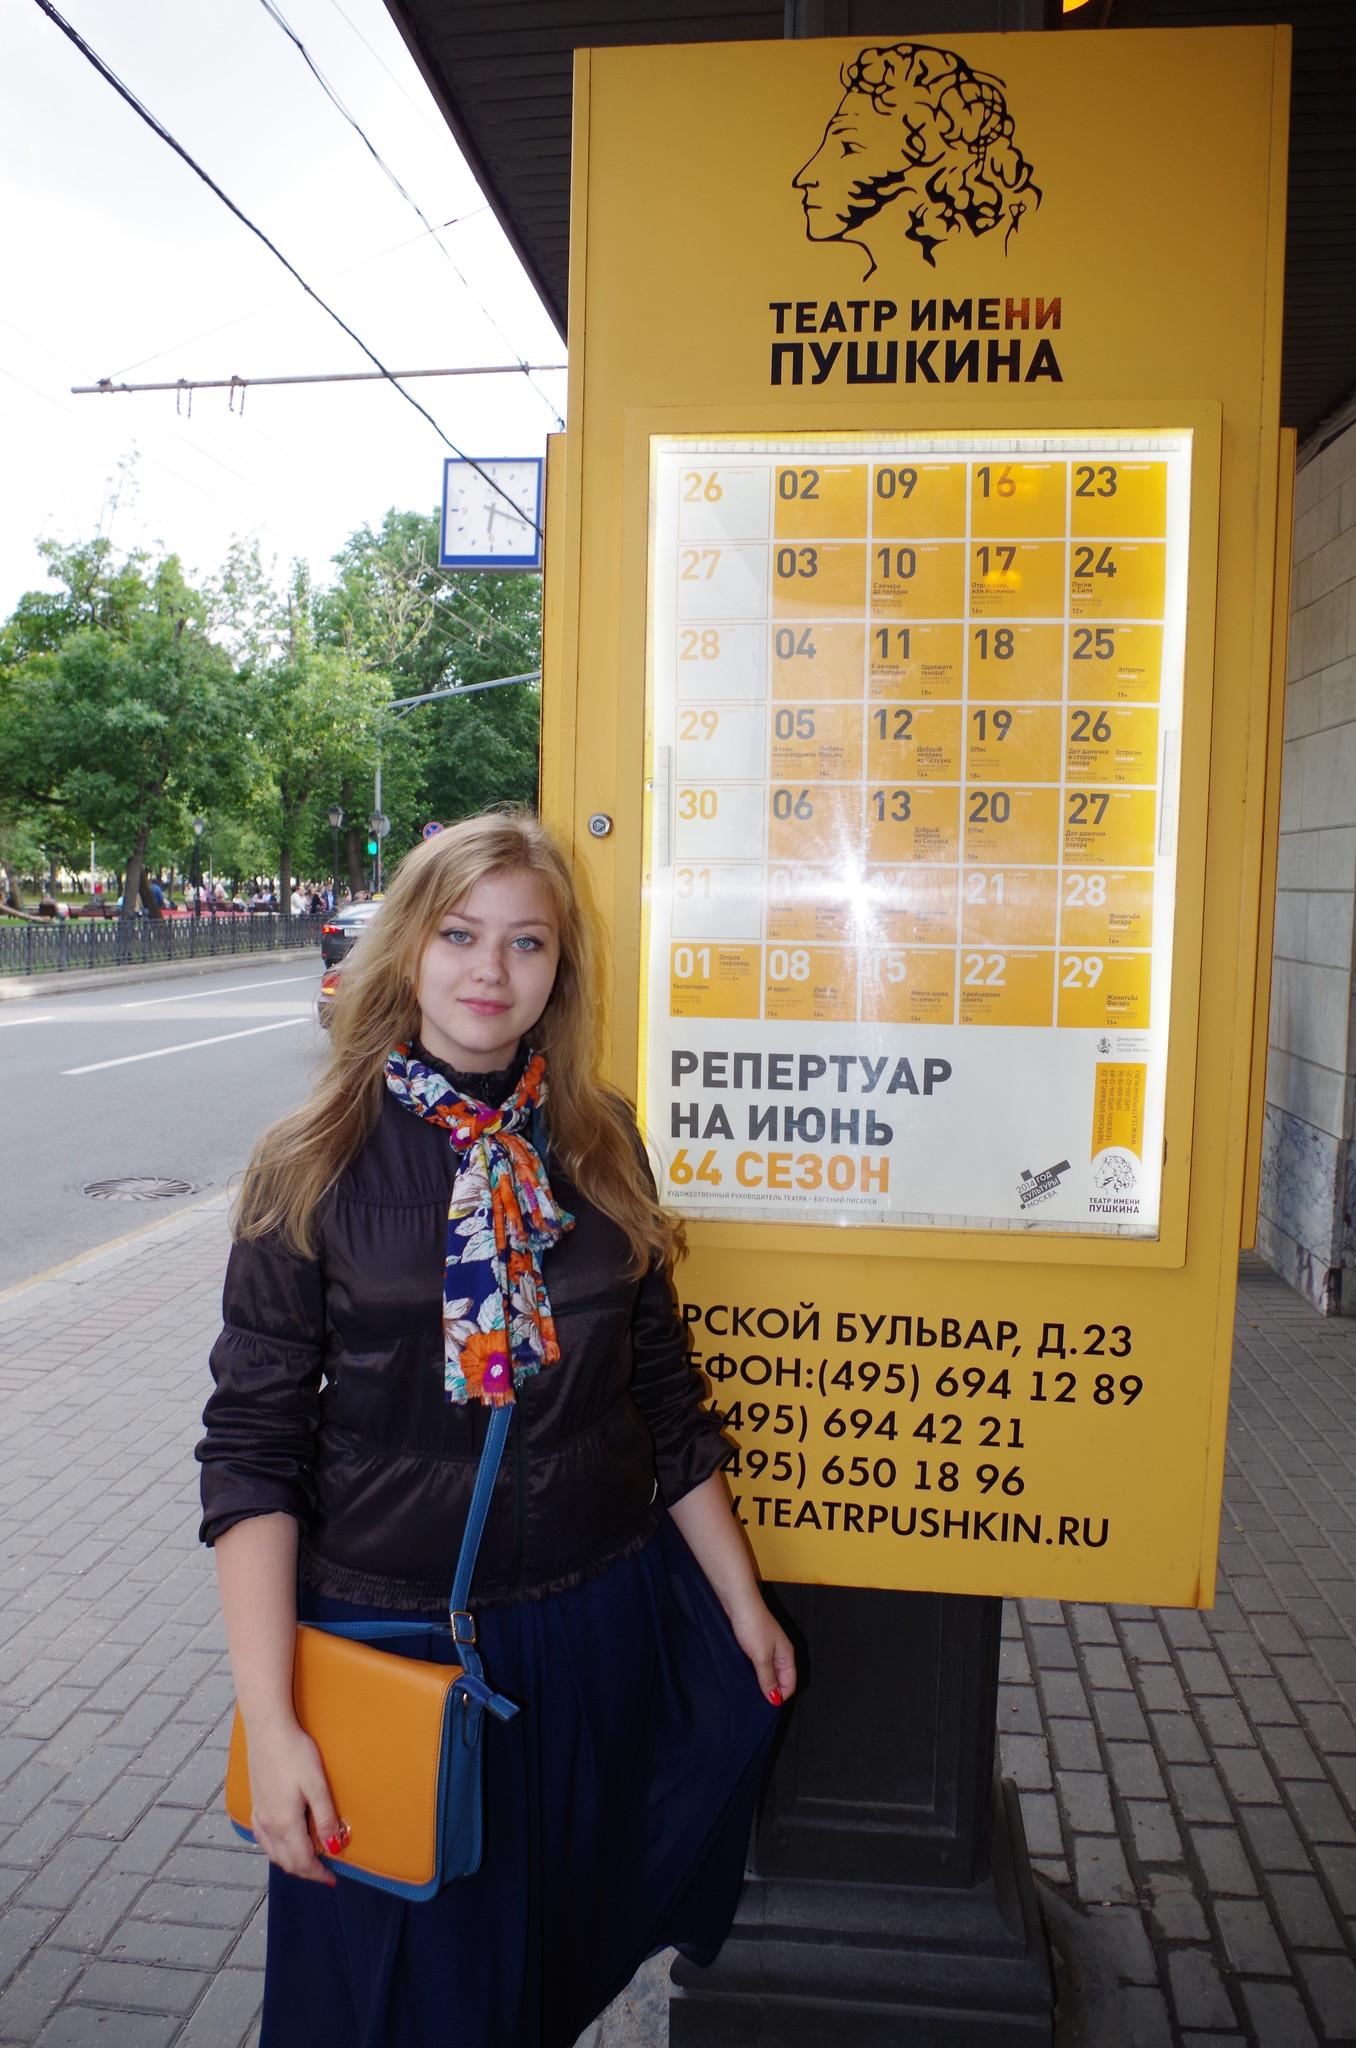 У Московского драматического театра имени А.С. Пушкина (Тверской бульвар, дом 23)